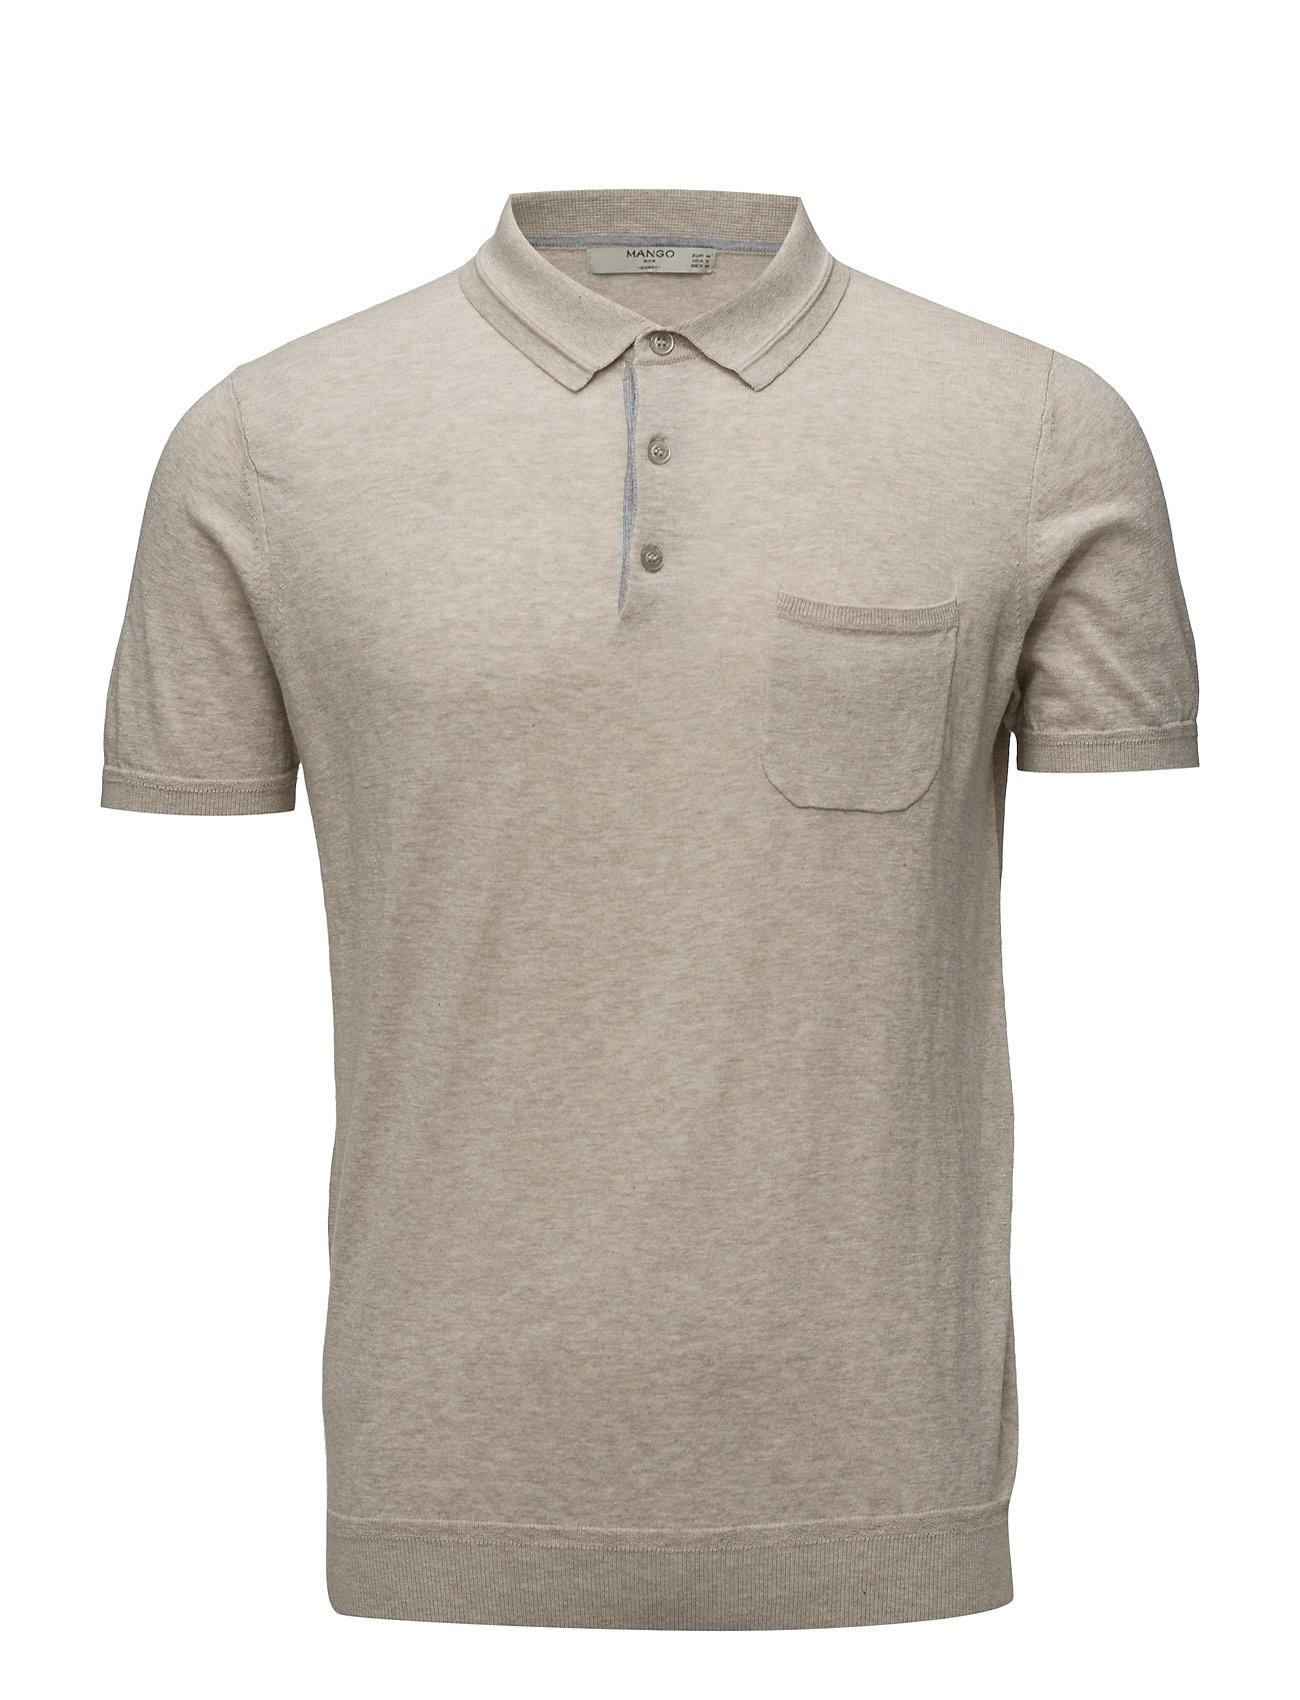 Chest-Pocket Cotton Pocket Polo Shirt Mango Man Kortærmede polo t-shirts til Herrer i Light Beige